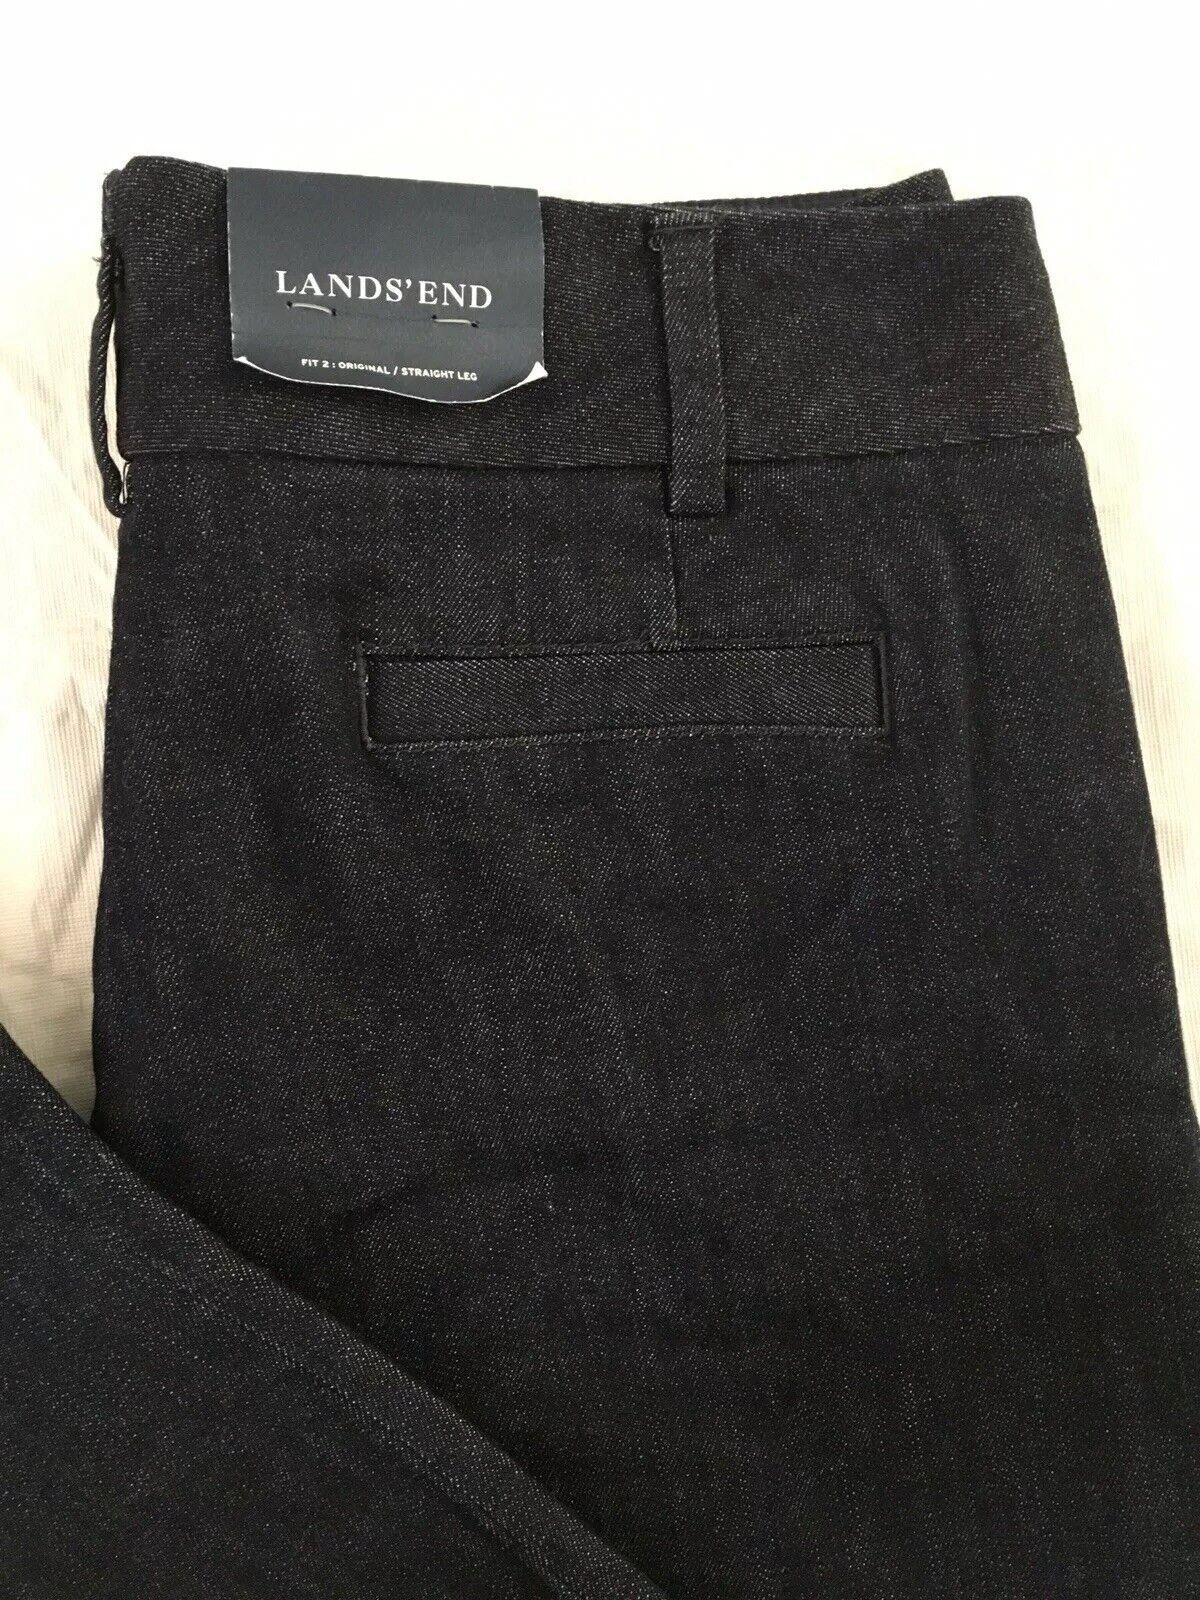 Lands End Denim Trouser Pants Size 12 Rinse Wash Original Striaght Fit NWT